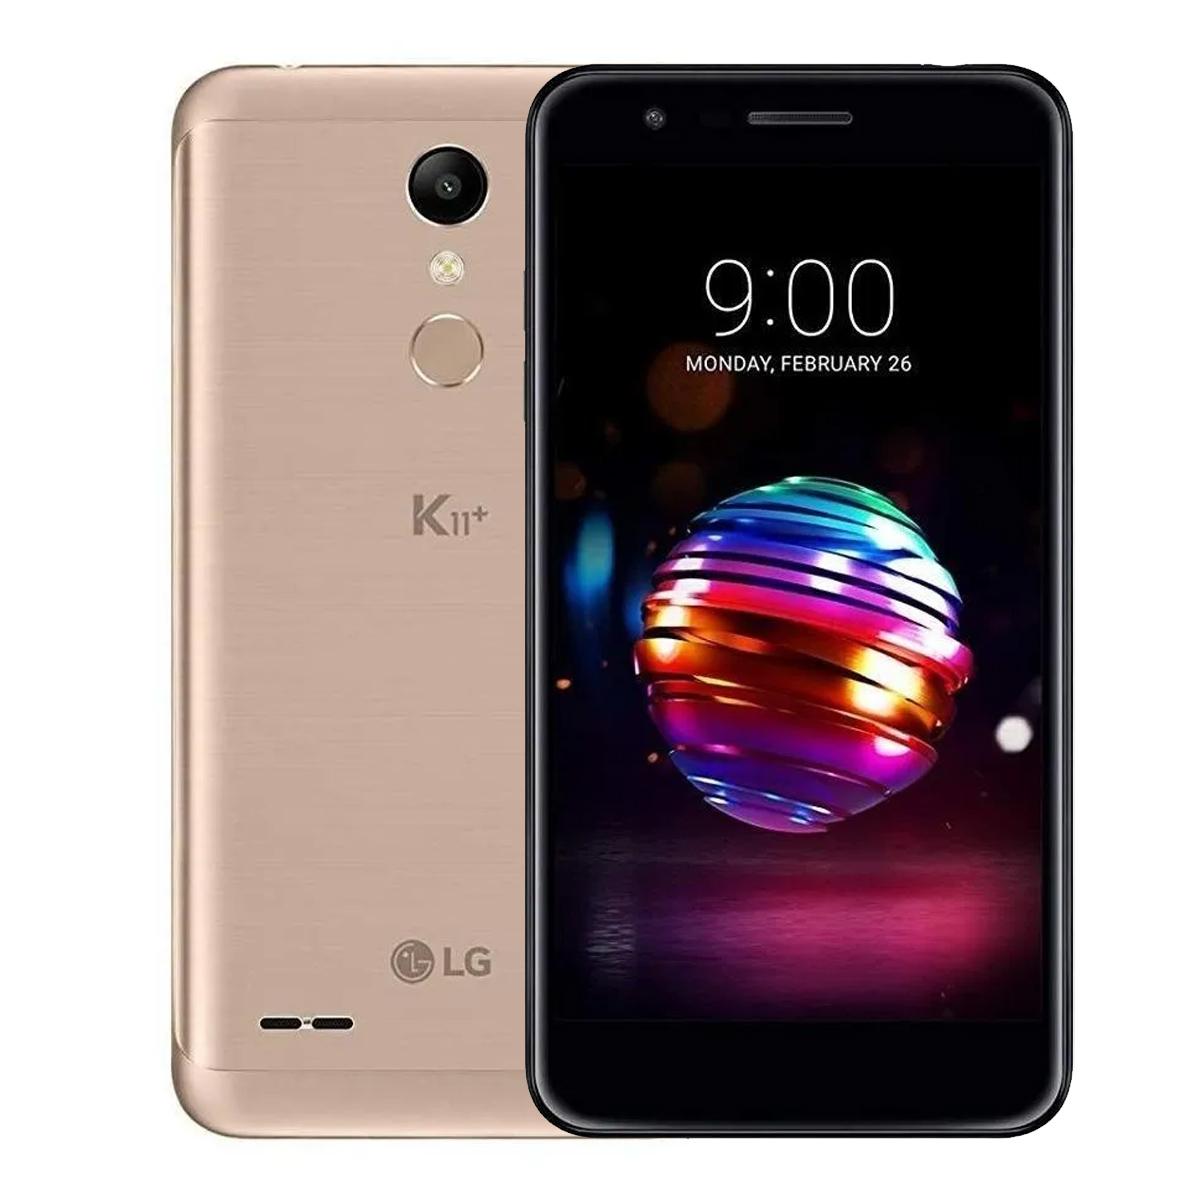 Smartphone Lg K11 Plus 32gb X410 Tela 5.3' Dual 4g 13mp